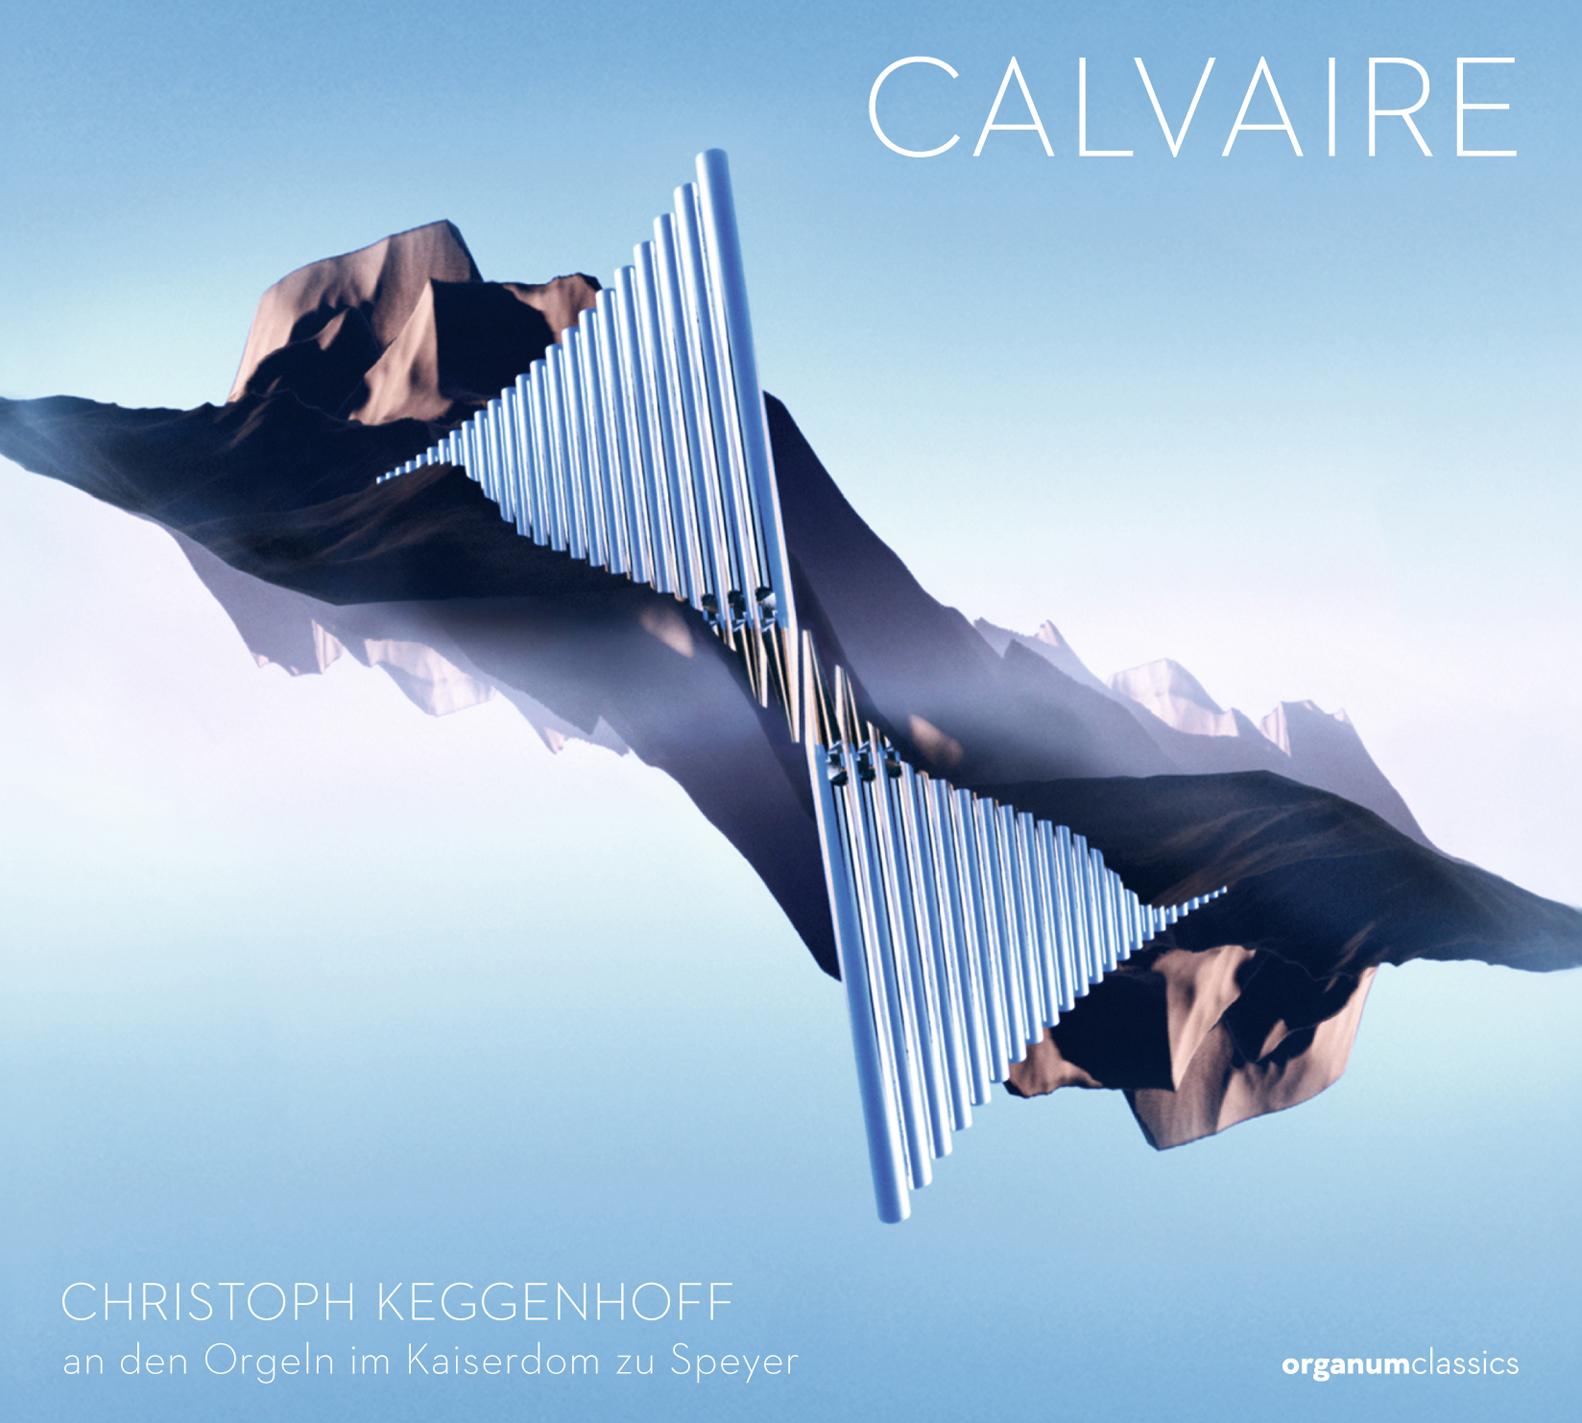 OGM_181037_Calvaire_Cover.jpg